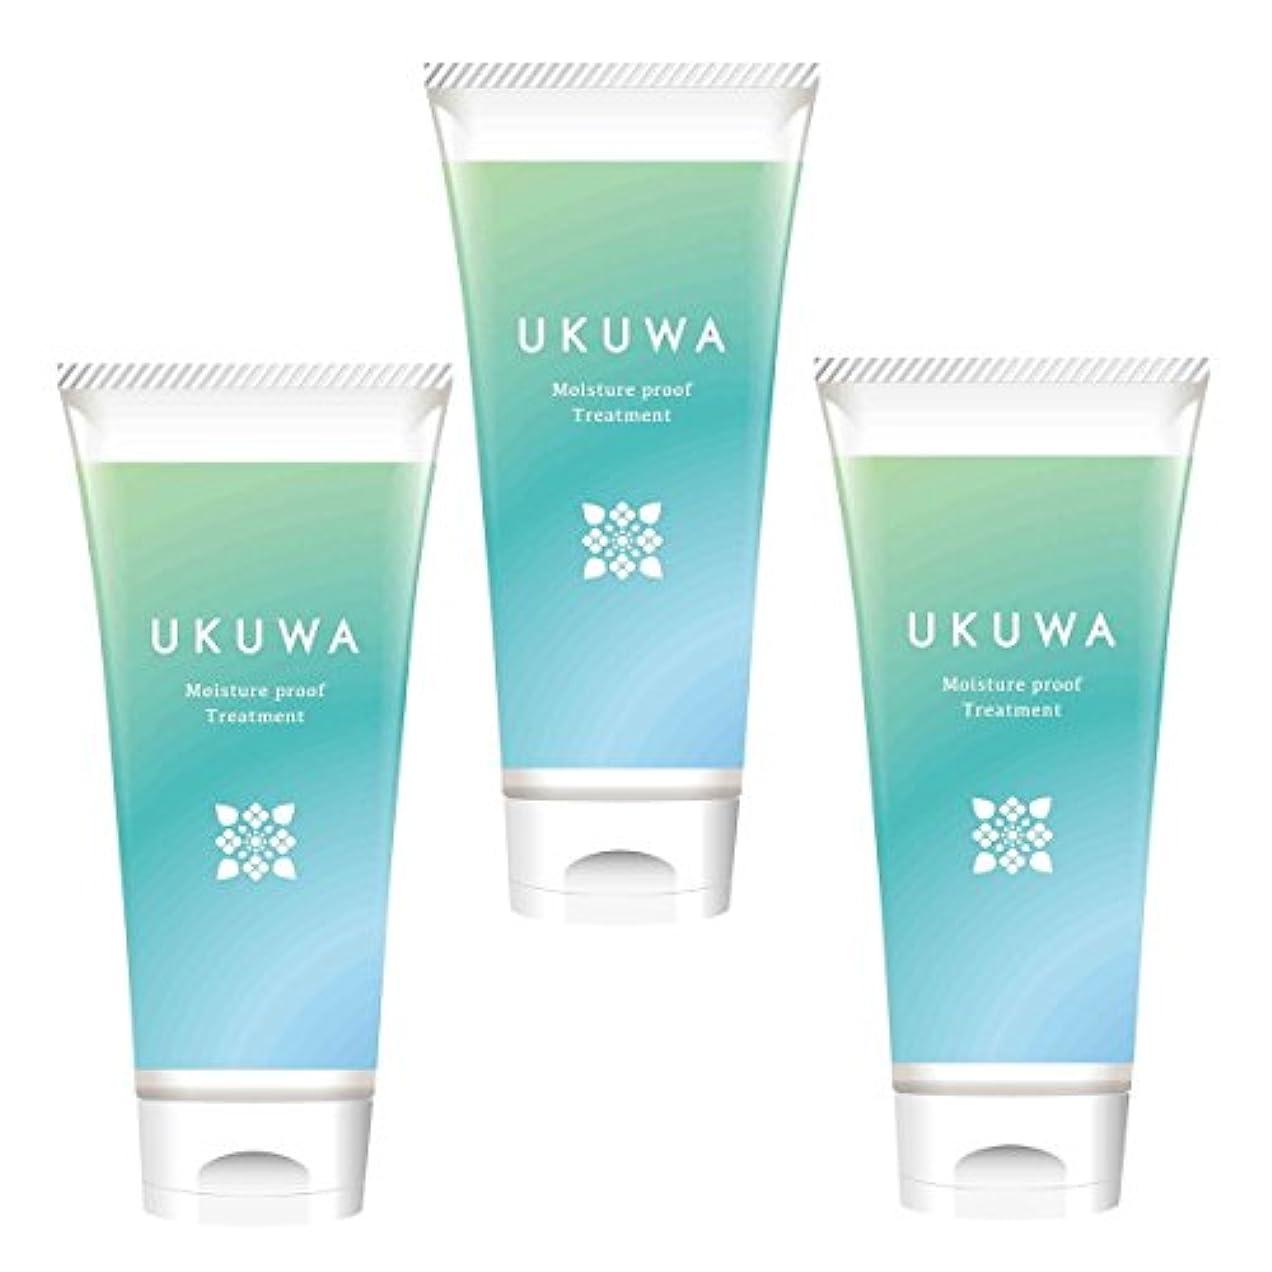 キリマンジャロ責任者宇宙のディアテック UKUWA(ウクワ)(雨花)モイスチャー プルーフ トリートメント 100g×3本セット